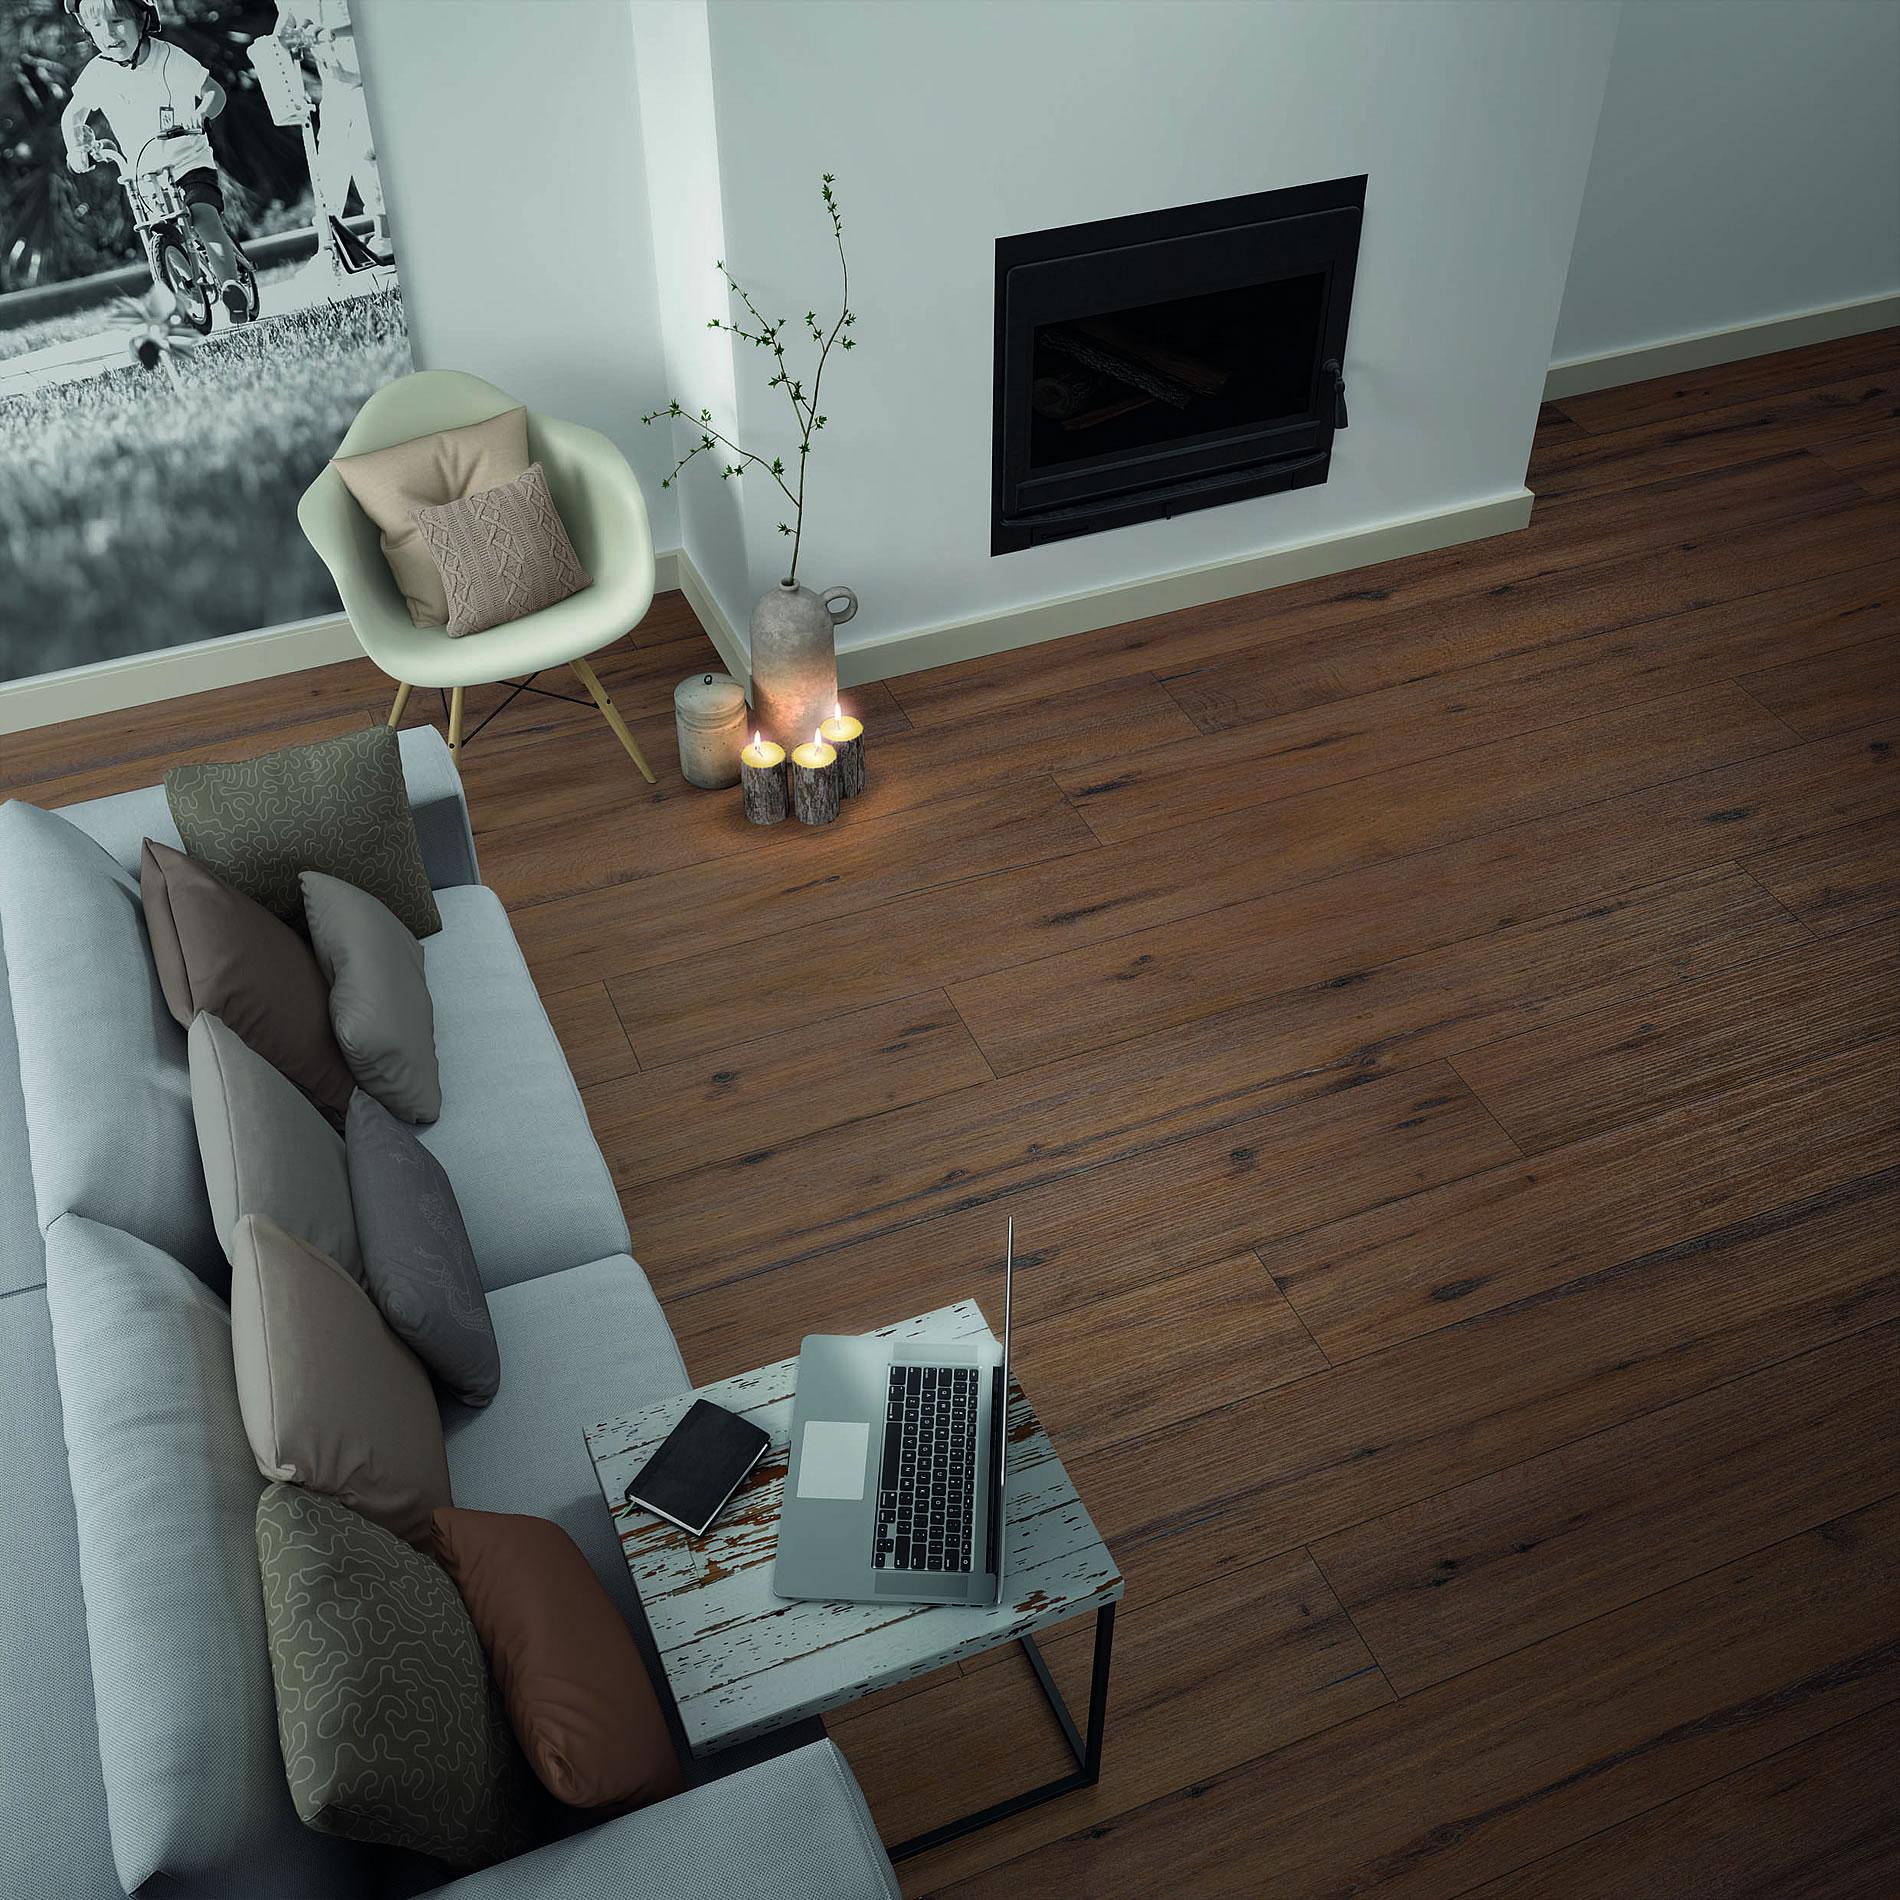 echte allesk nner spanische fliesen technisch brillant und sthetisch berzeugend. Black Bedroom Furniture Sets. Home Design Ideas